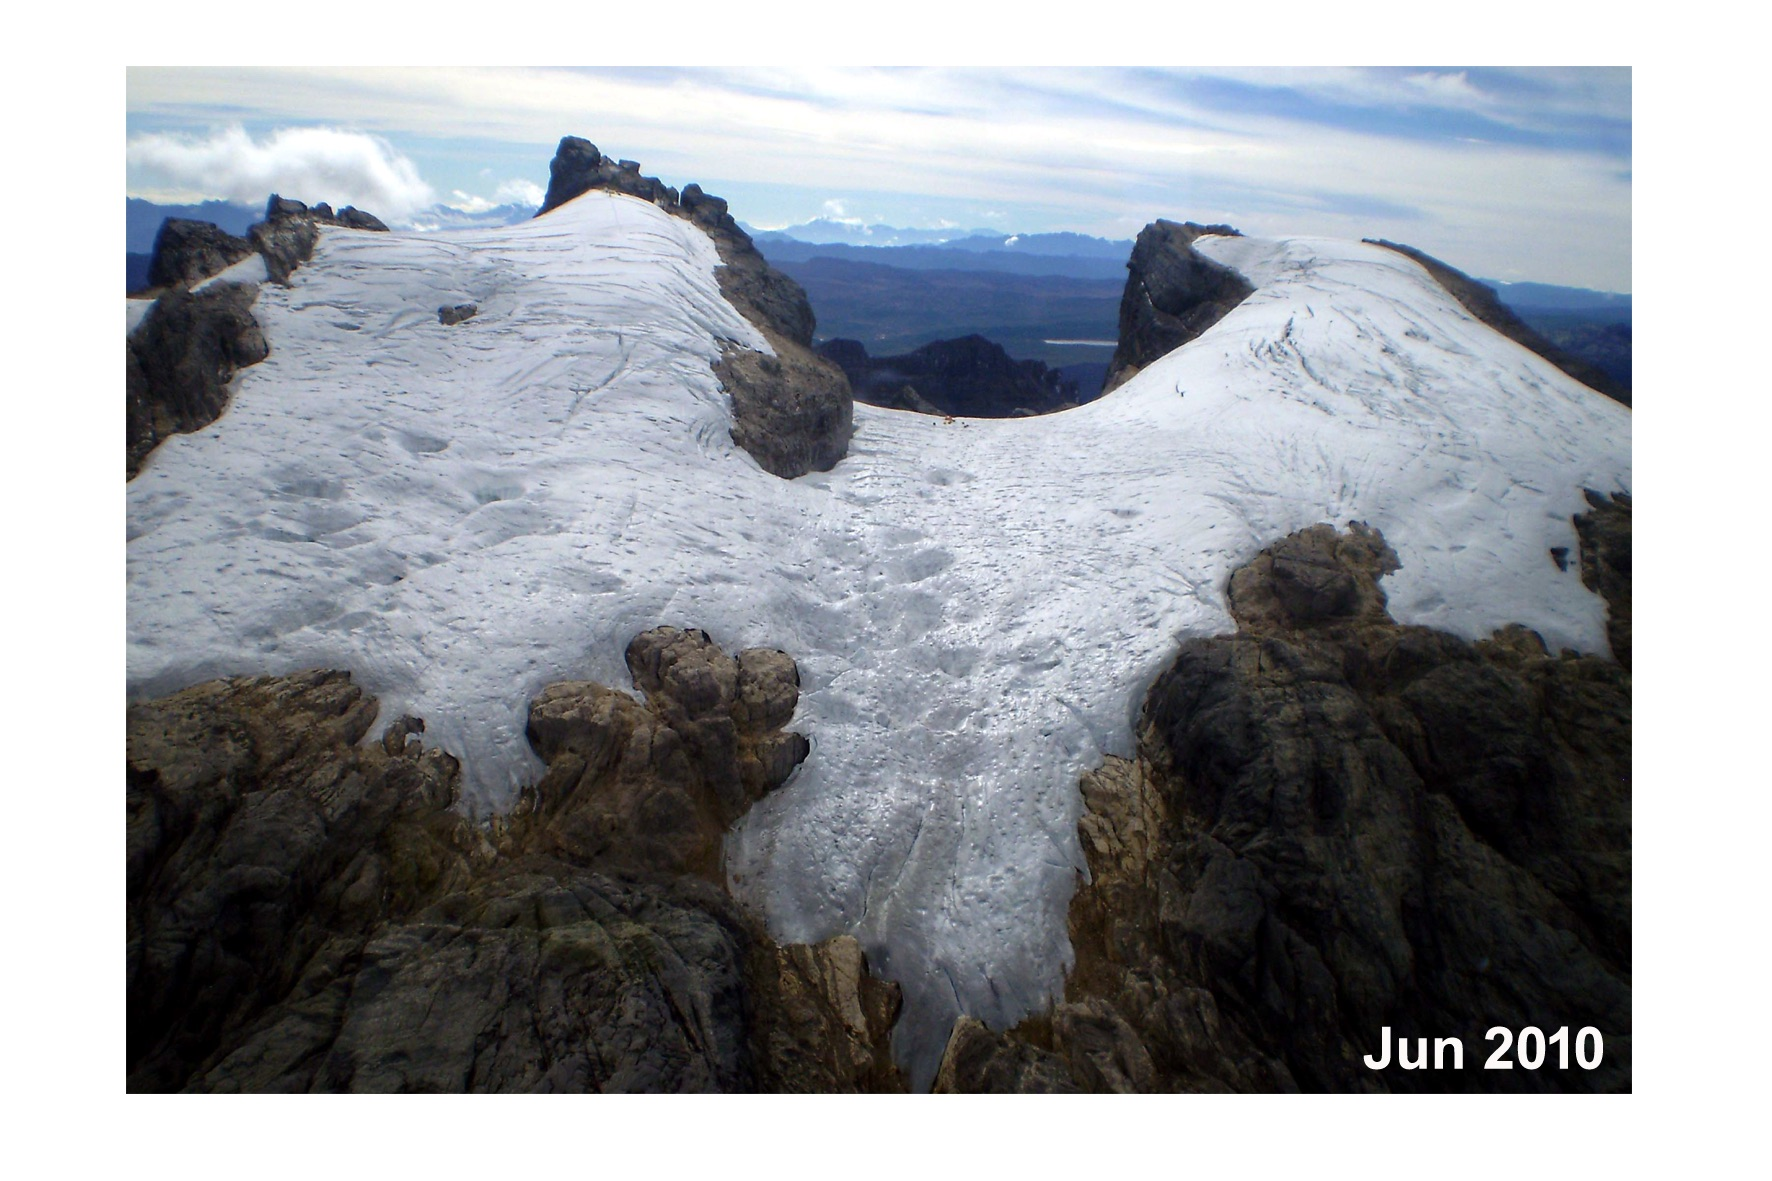 Gletser Puncak Jaya pada tahun 2010 [Credit : Lonnie Thompson]